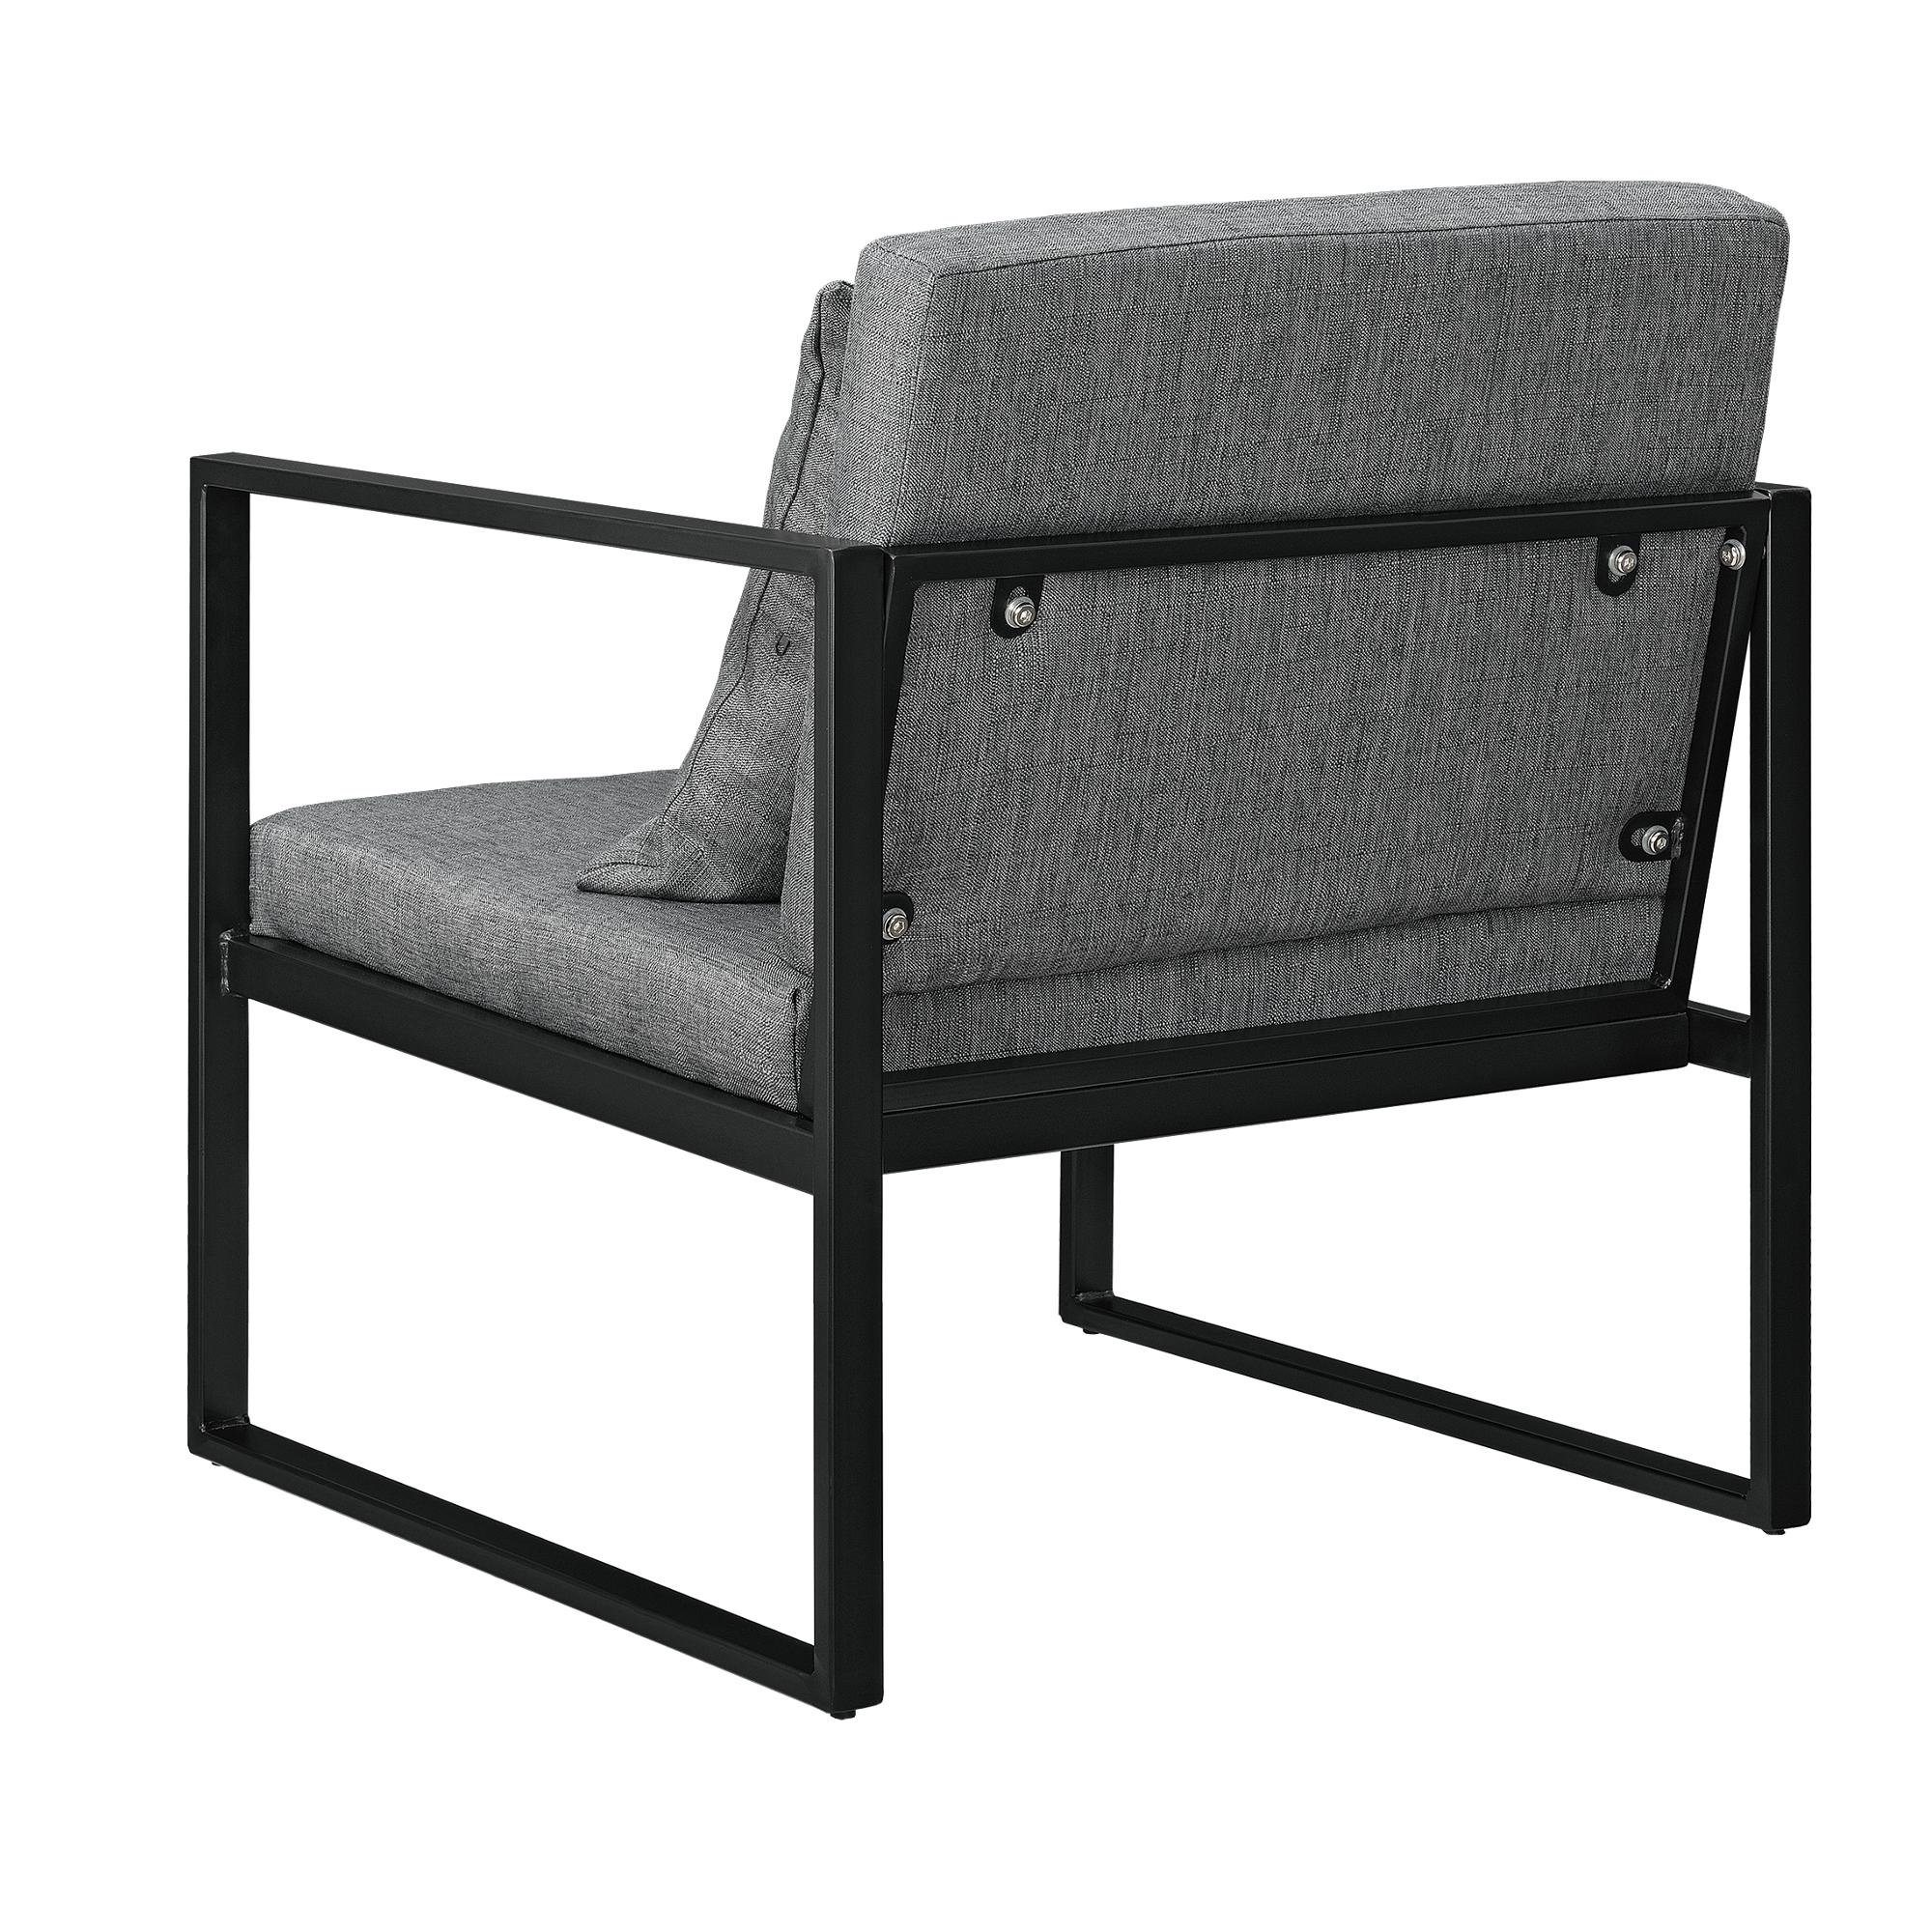 2x design lehnstuhl relaxsessel esszimmer stuhl for 1001 stuhl design